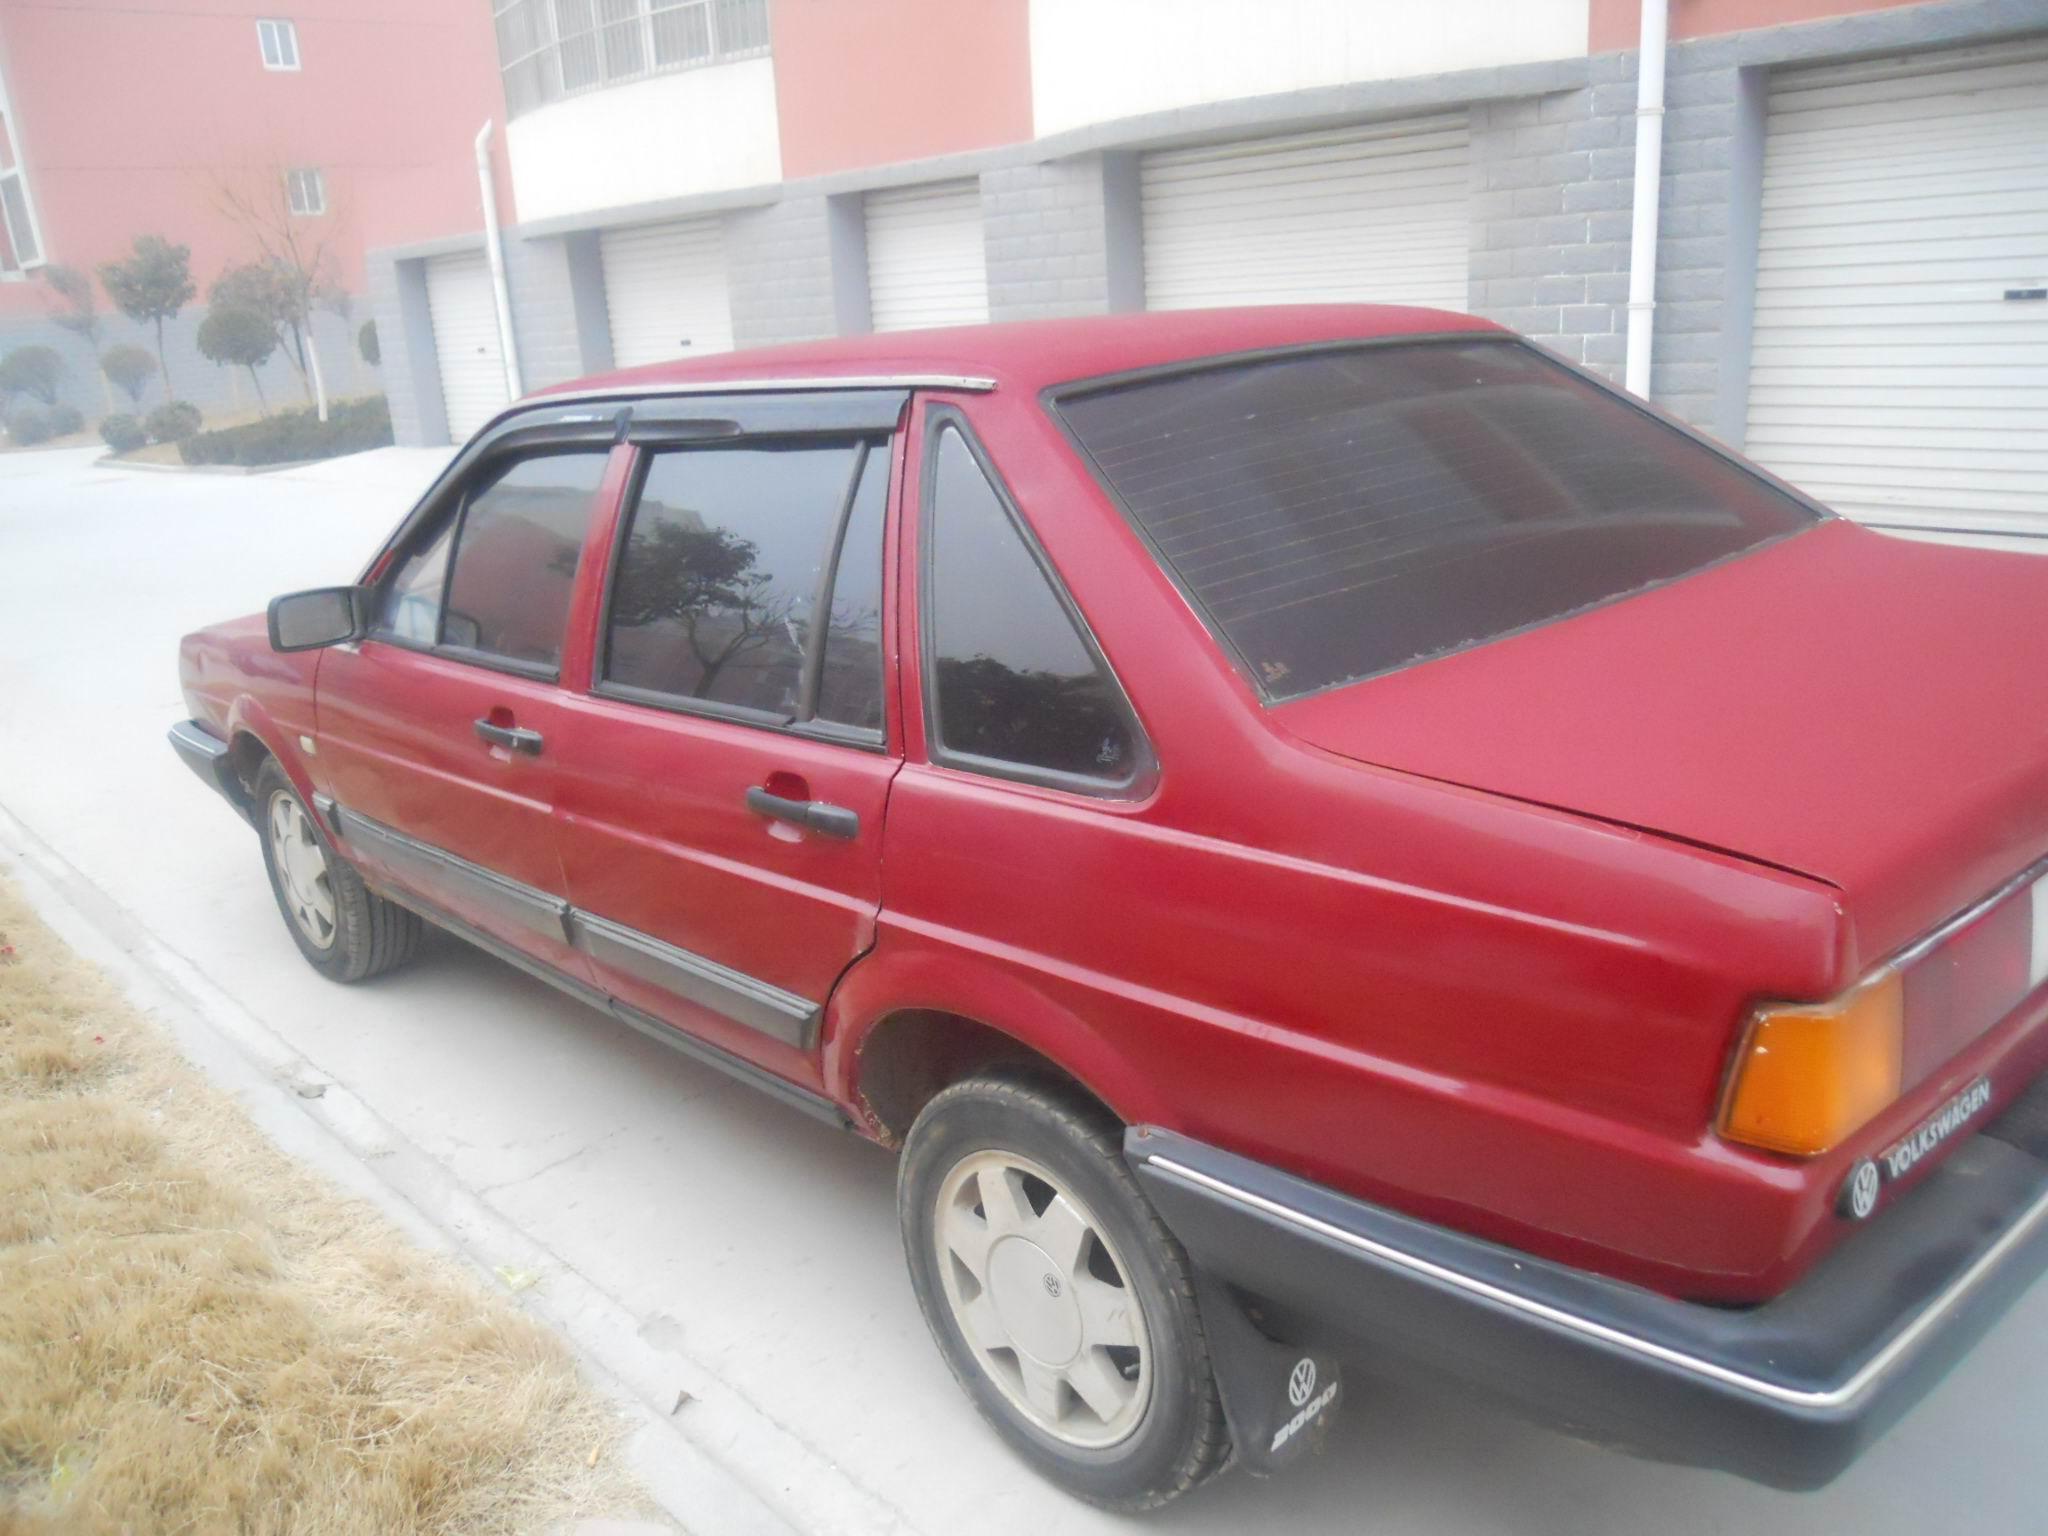 8 基本型(出租车版)  [精品大众桑塔纳,车子相当好,便]; 急转红色普桑